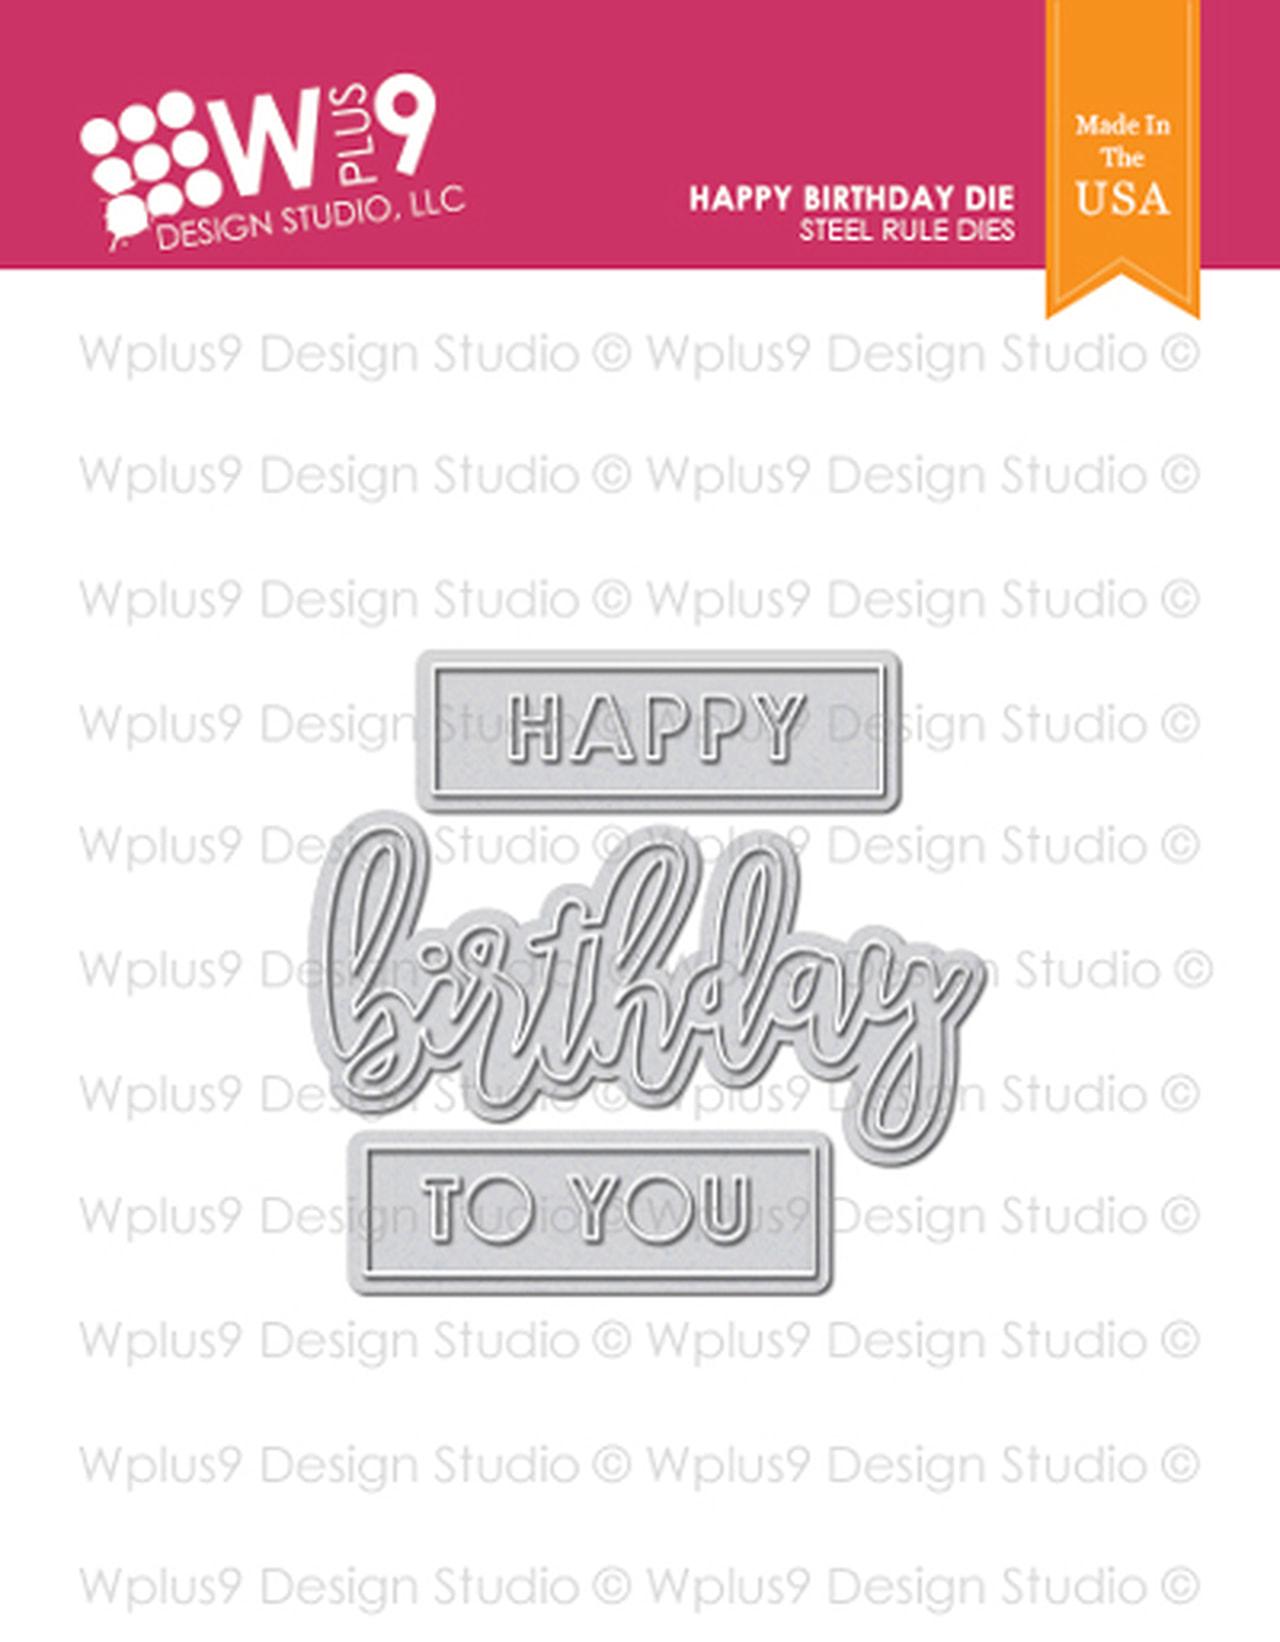 WPlus9 - Happy Birthday Die